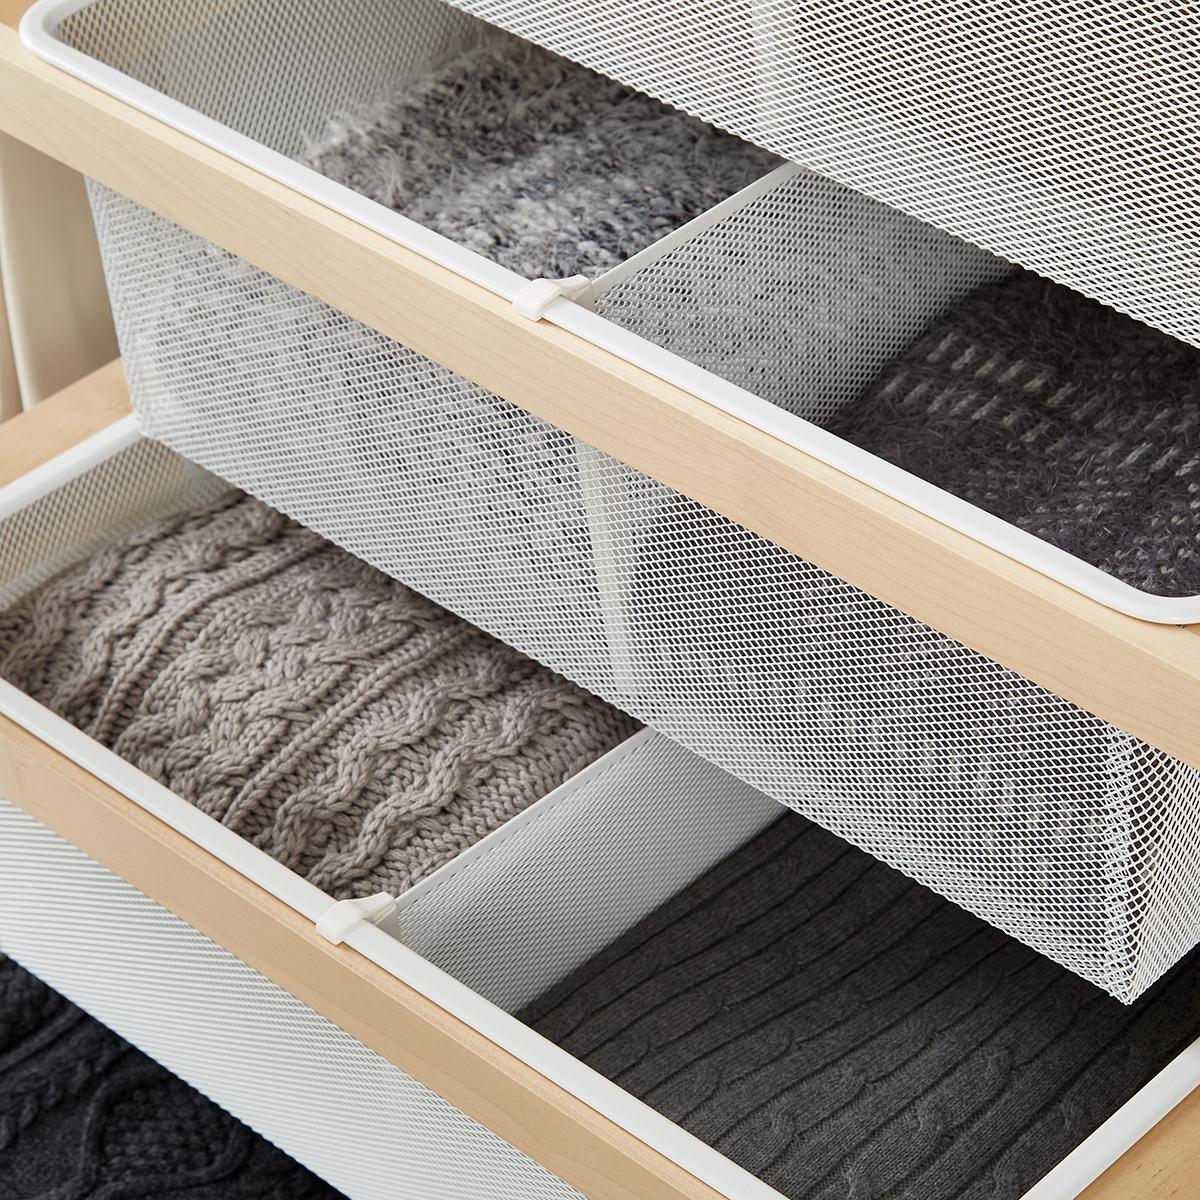 white elfa mesh drawer dividers